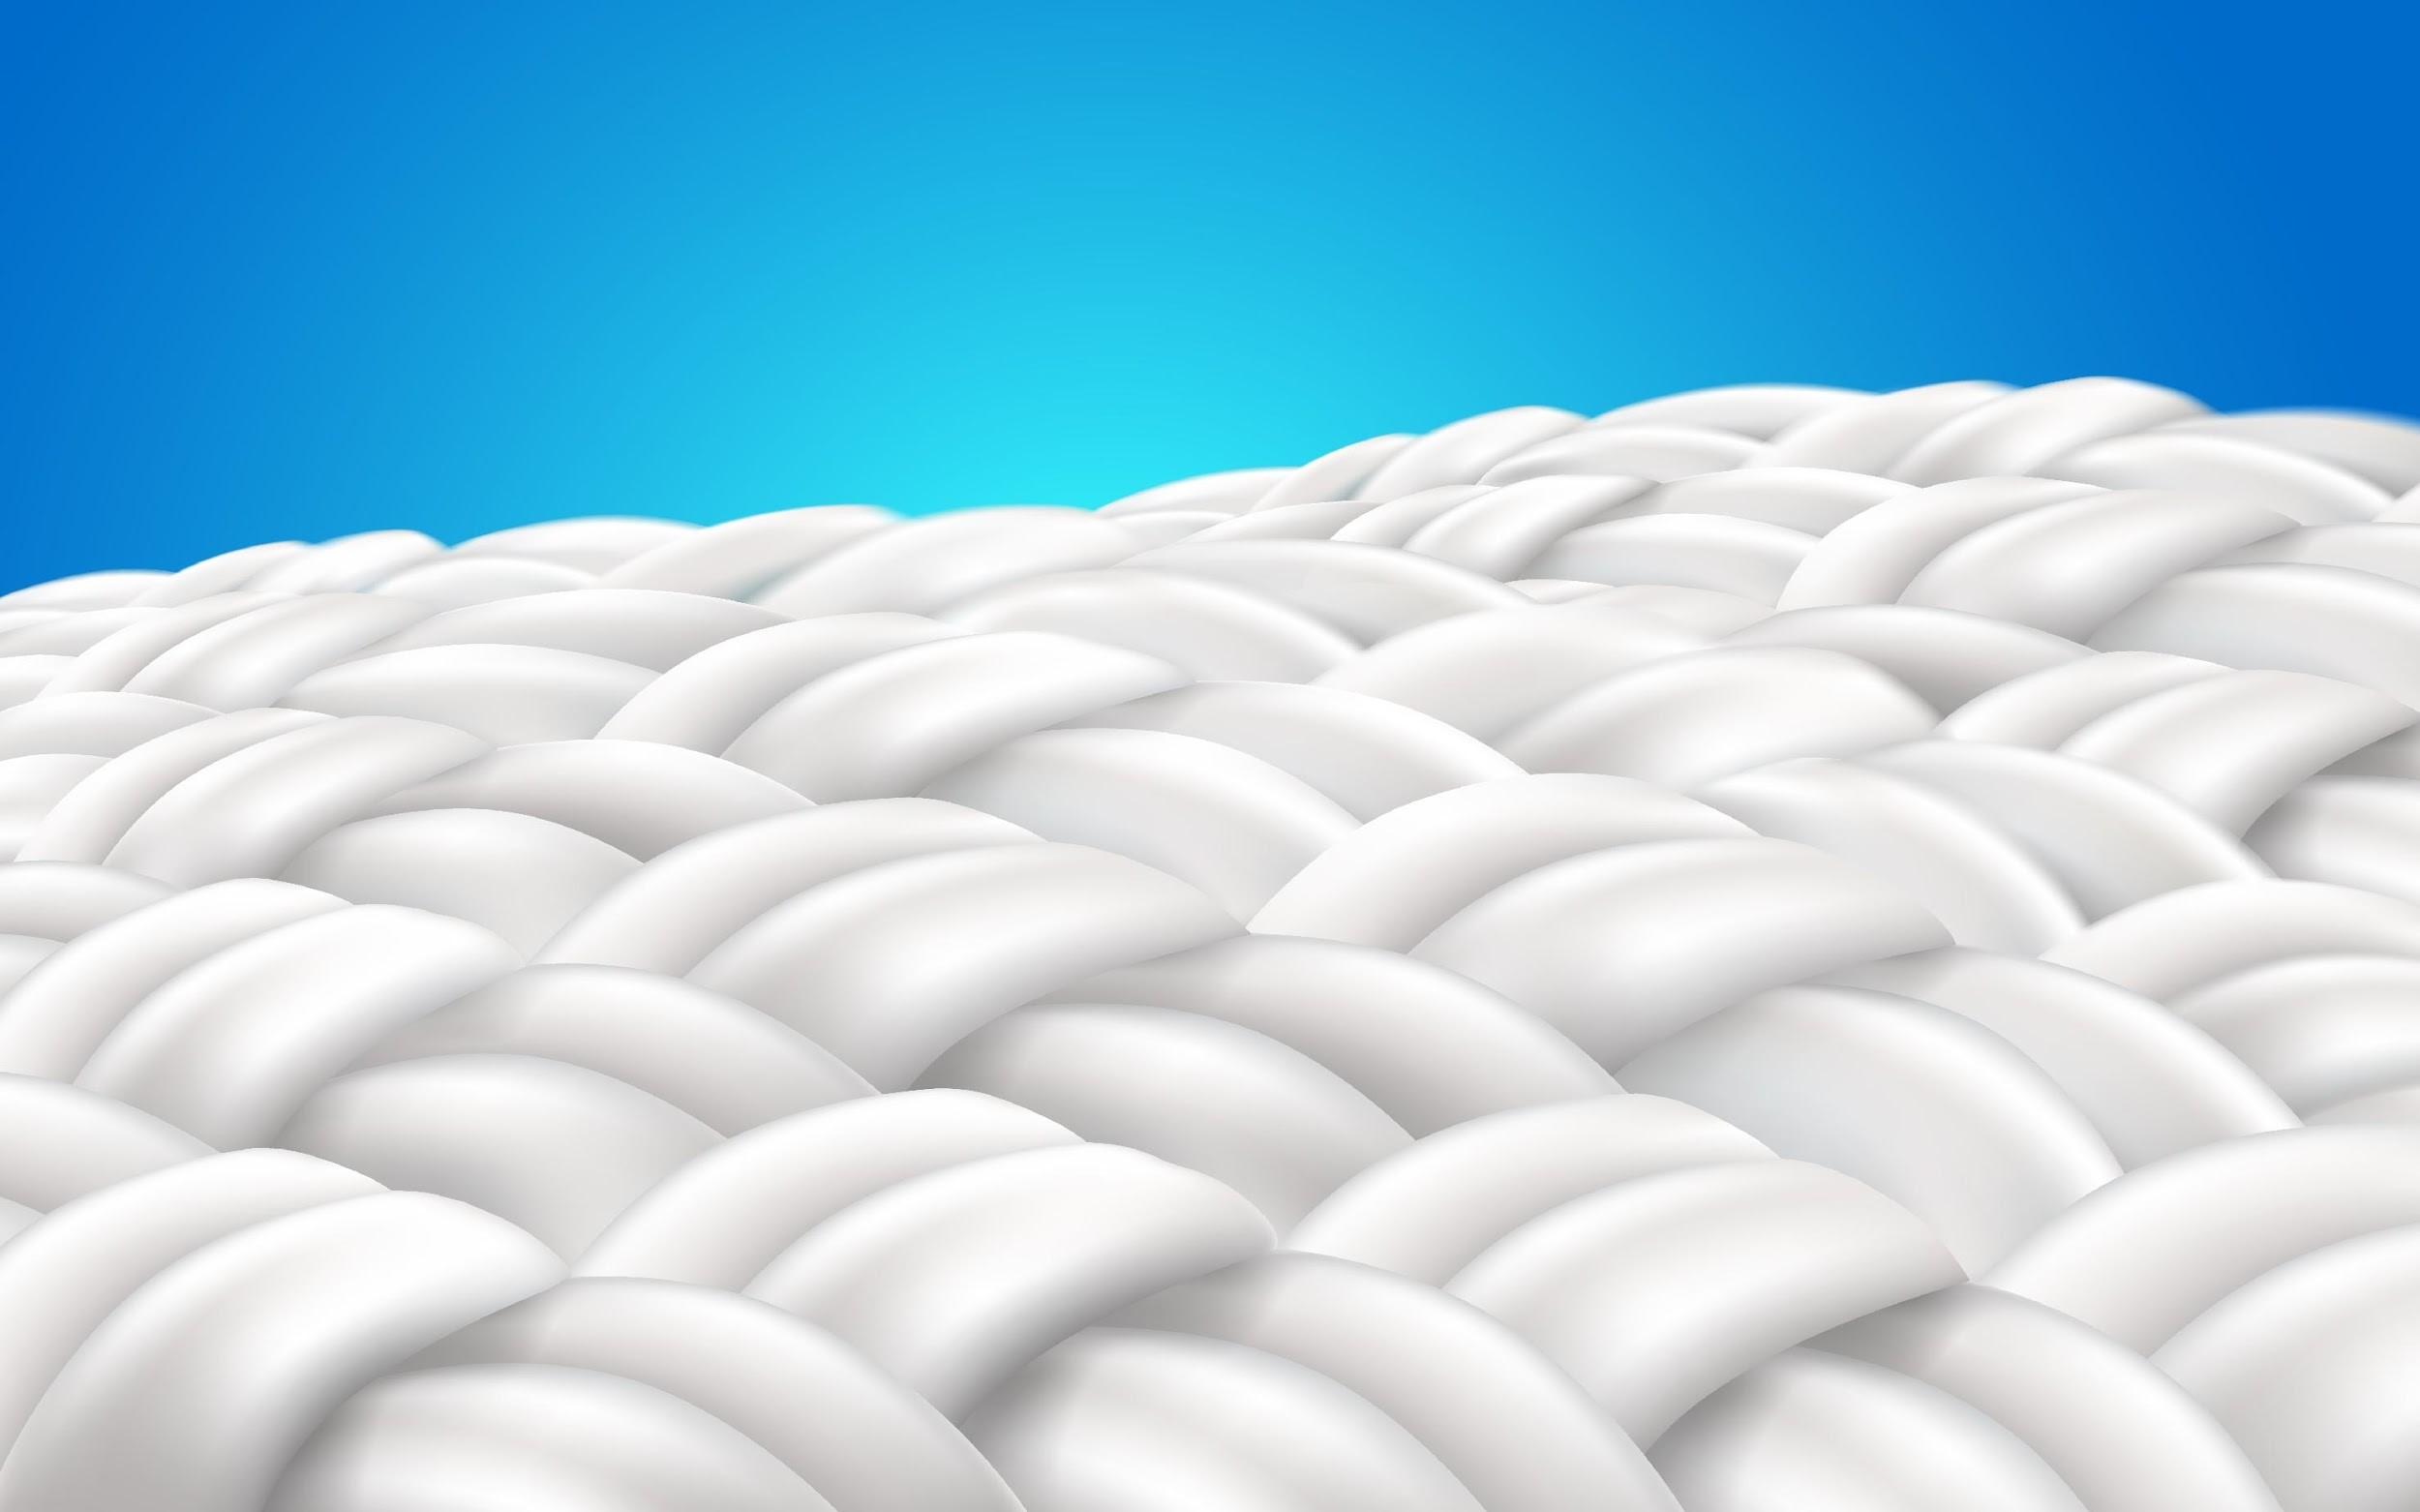 【朝までグッスリ眠れる枕を選ぶコツ】正しい枕の使い方も解説します!